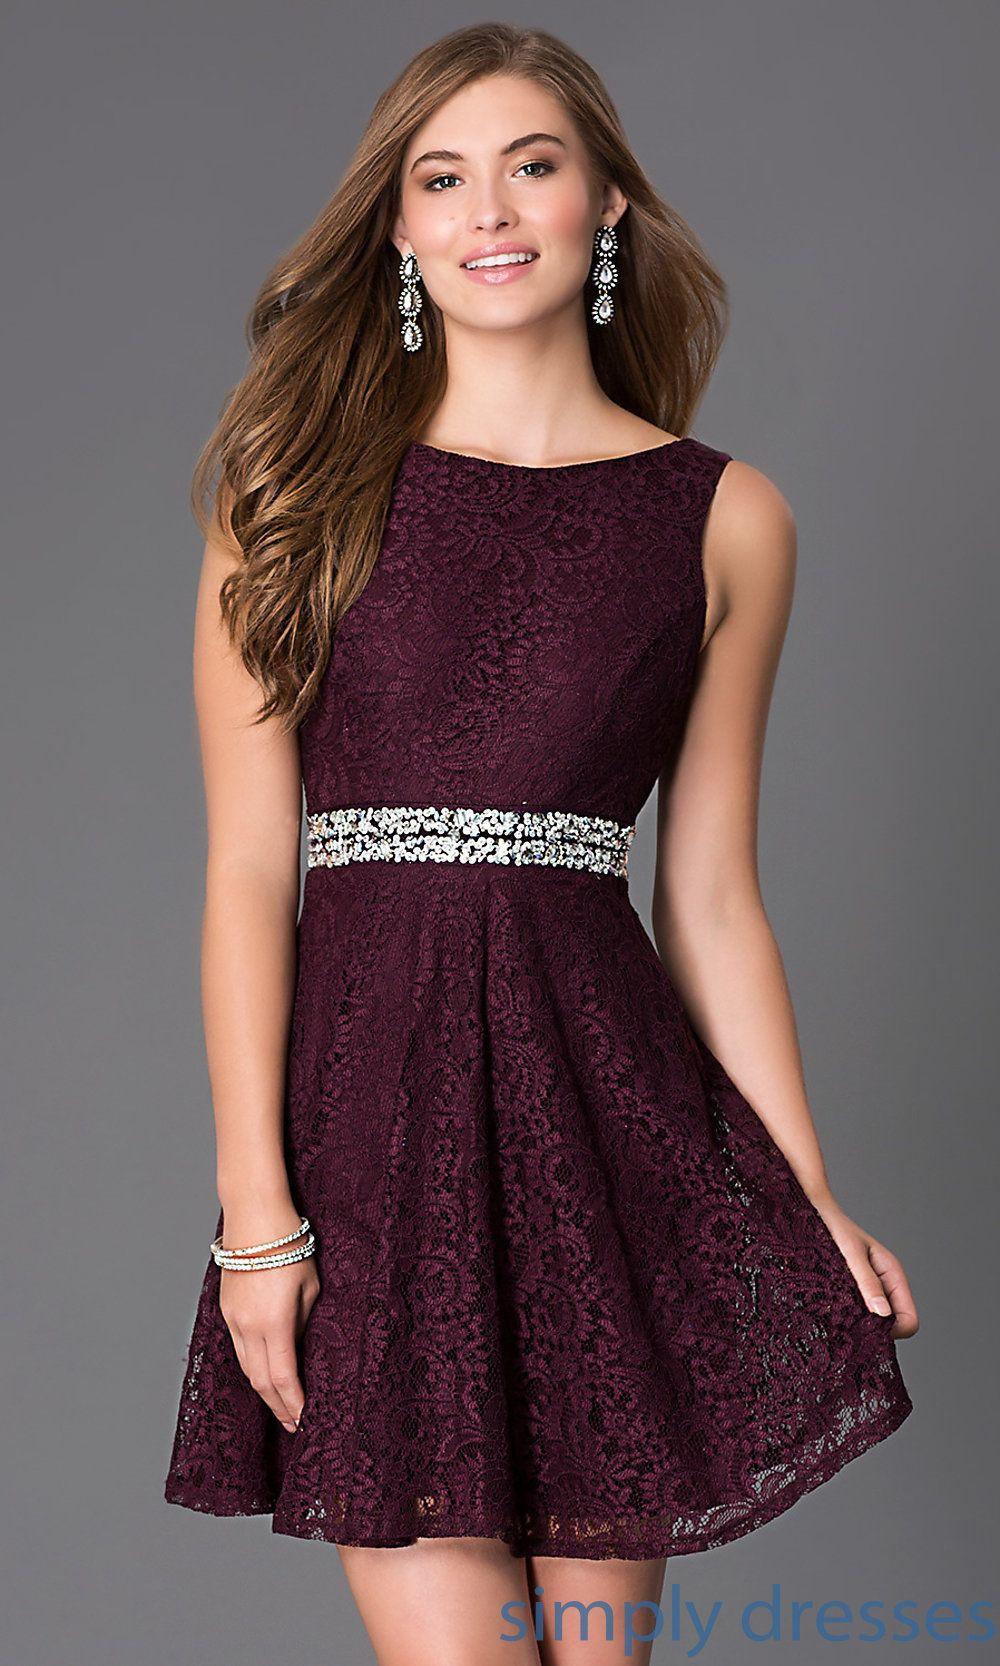 Short Sleeveless Lace Dress D63621H114